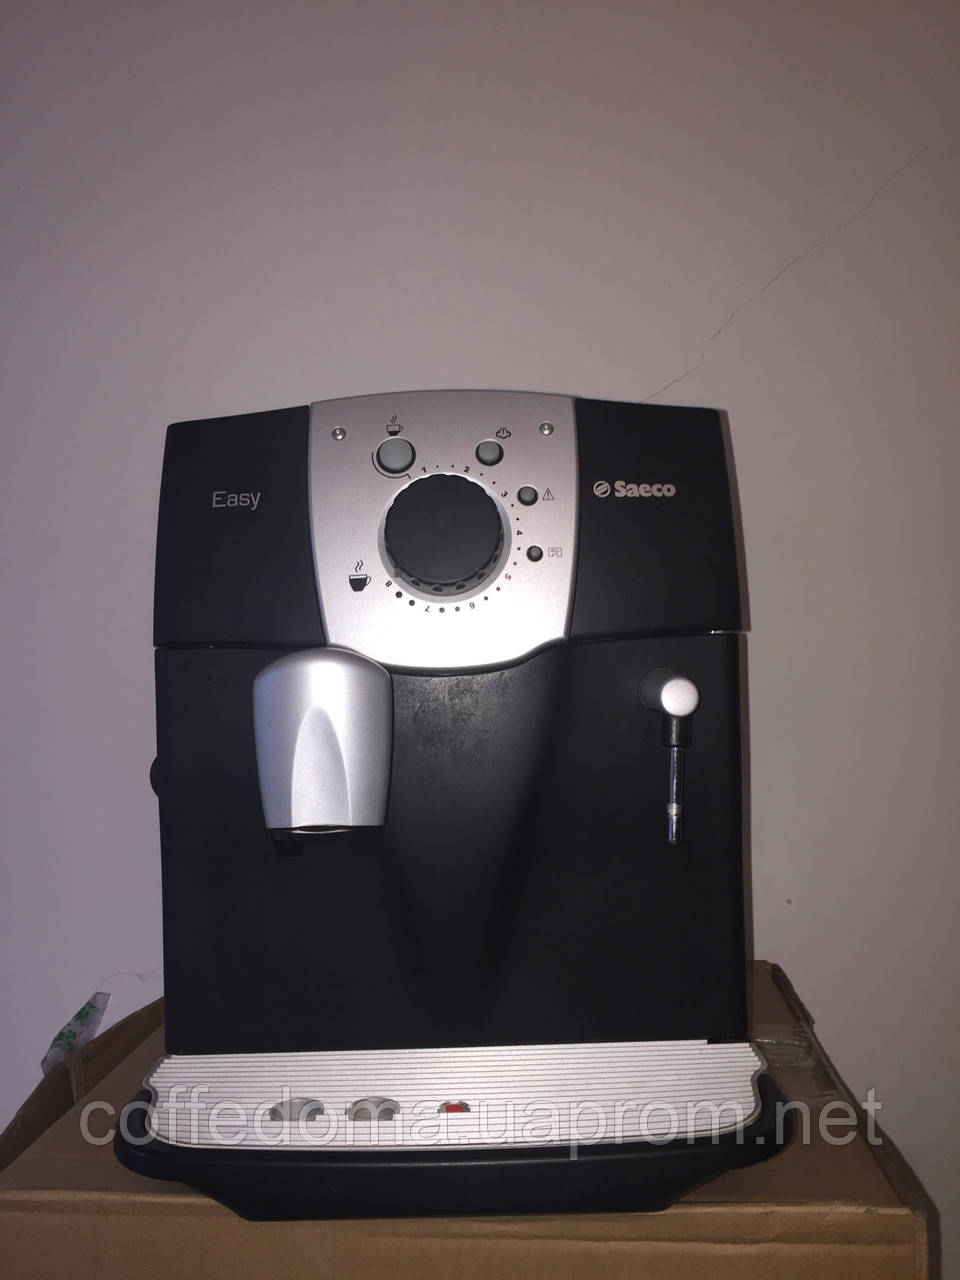 Автоматическая кофемашина Saeco Incanto easy